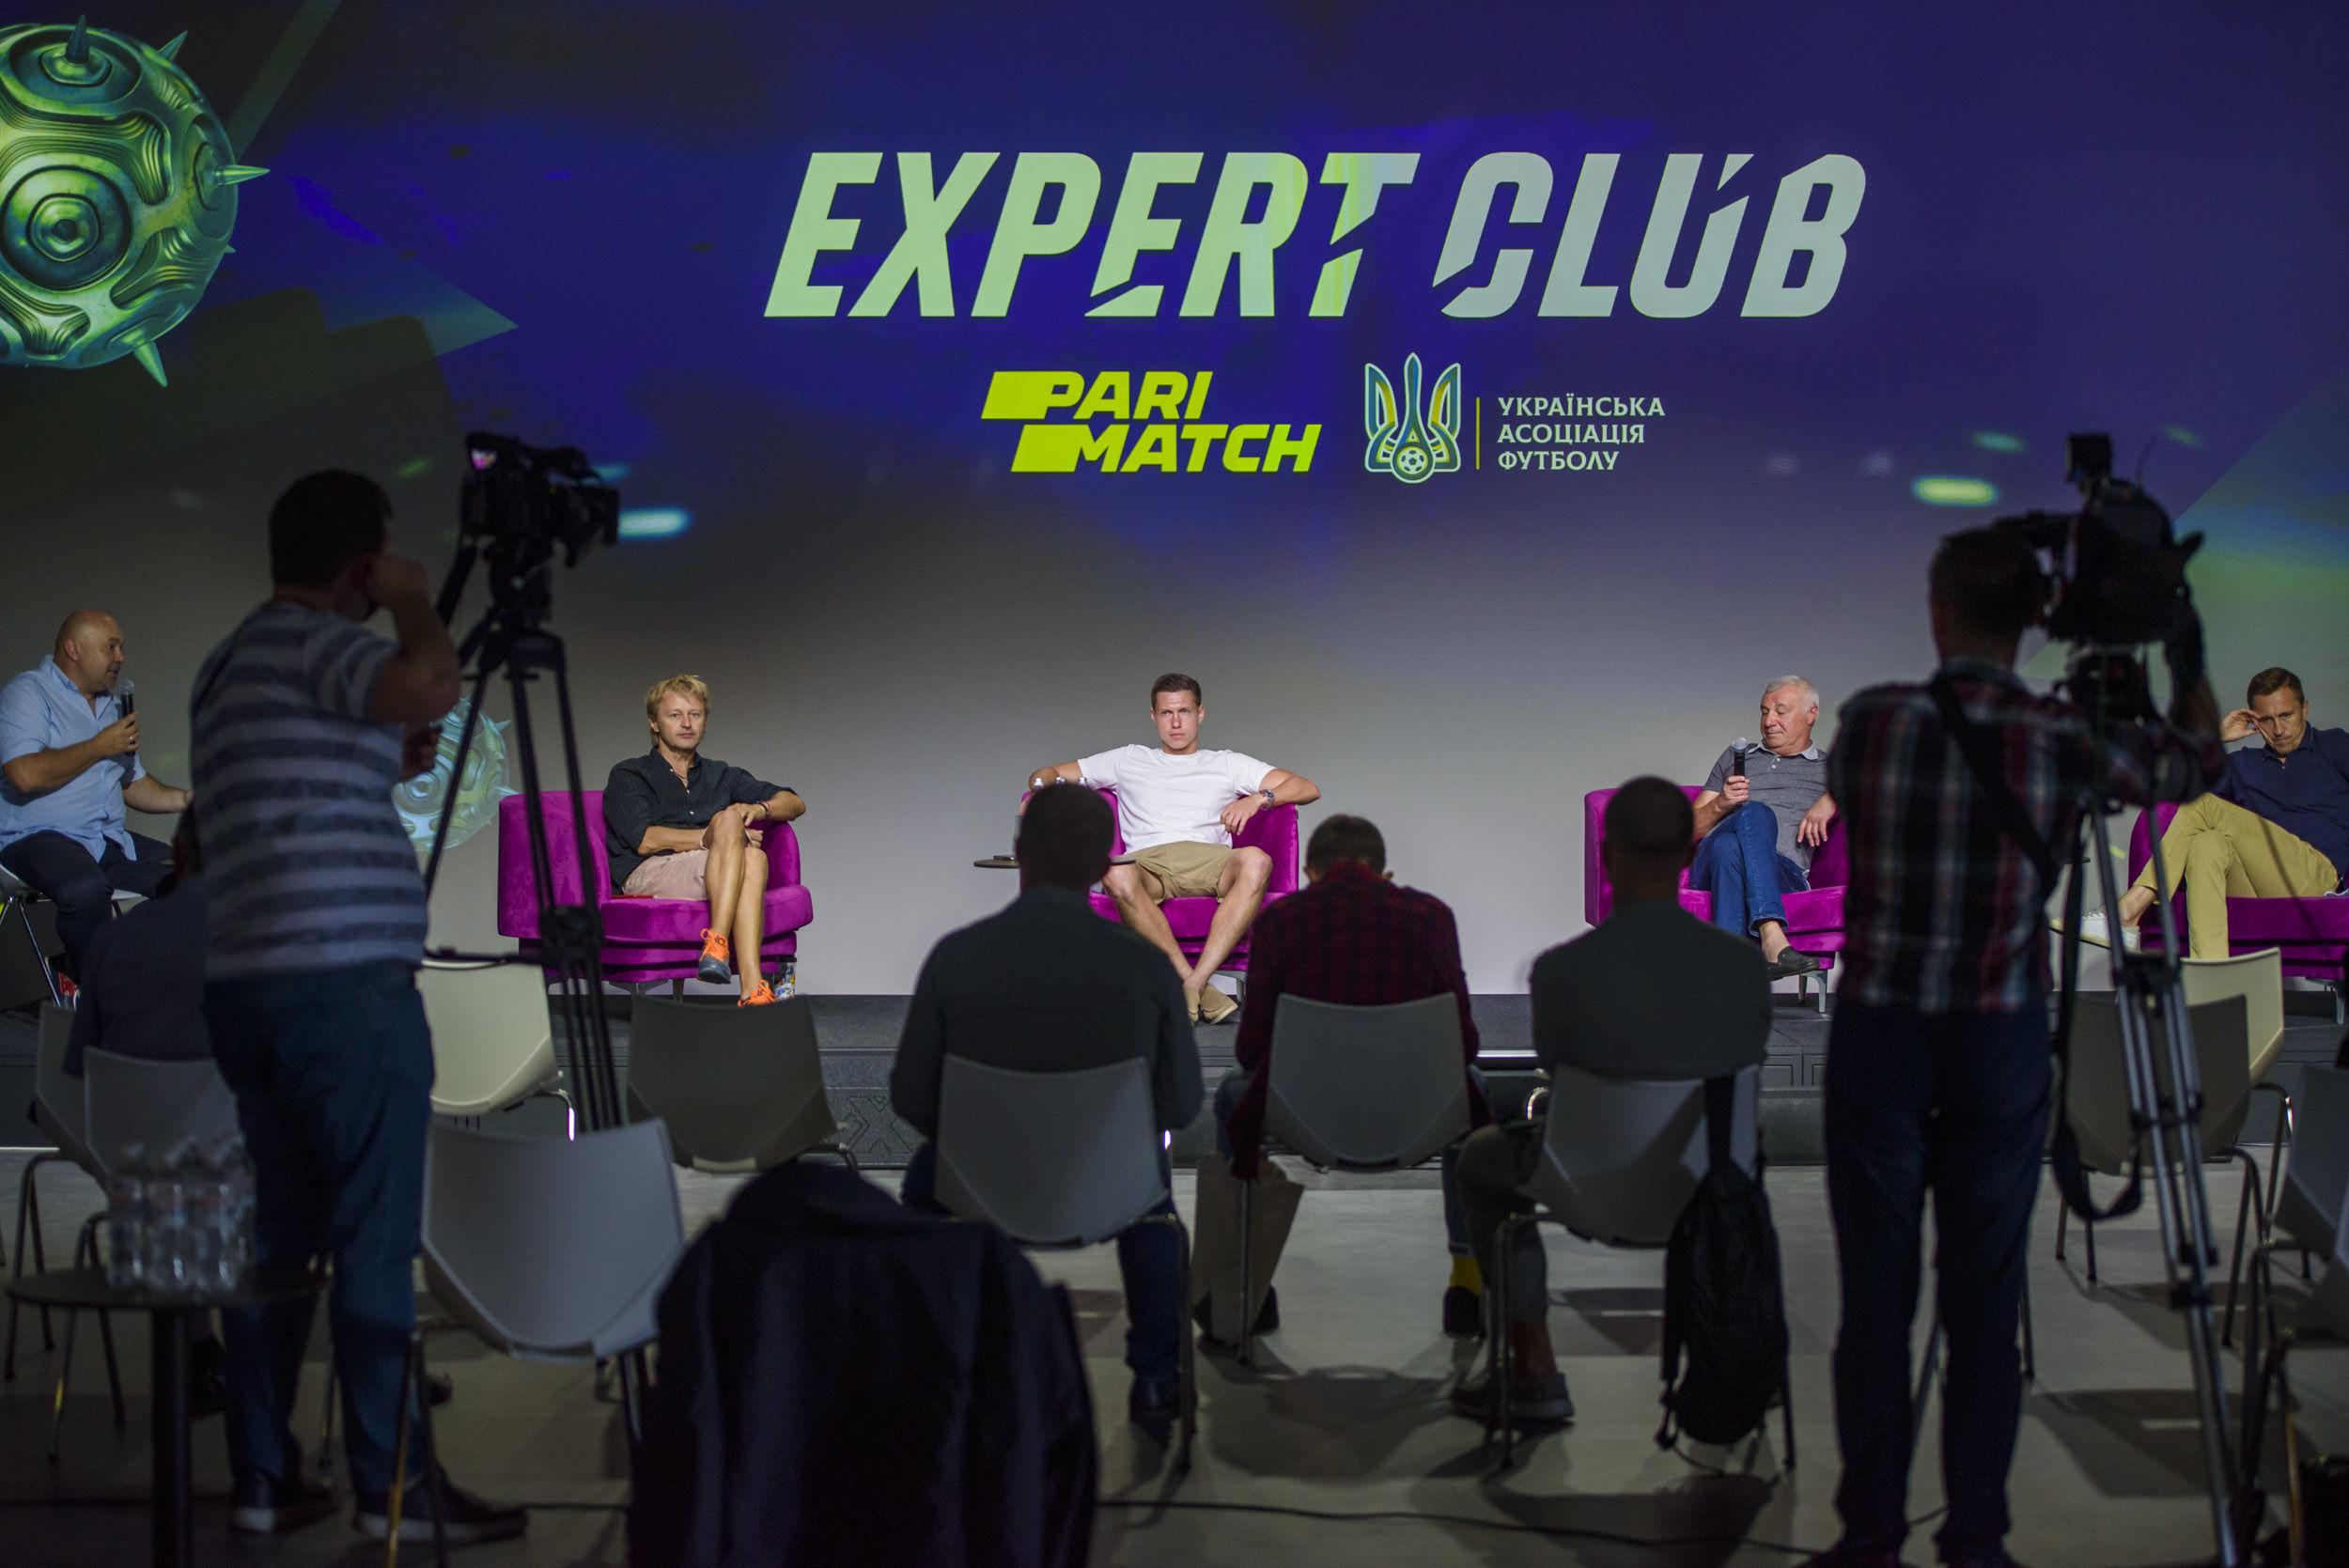 На заседании Эксперт клуба Parimatch обсудили камбек сборной Украины - изображение 1